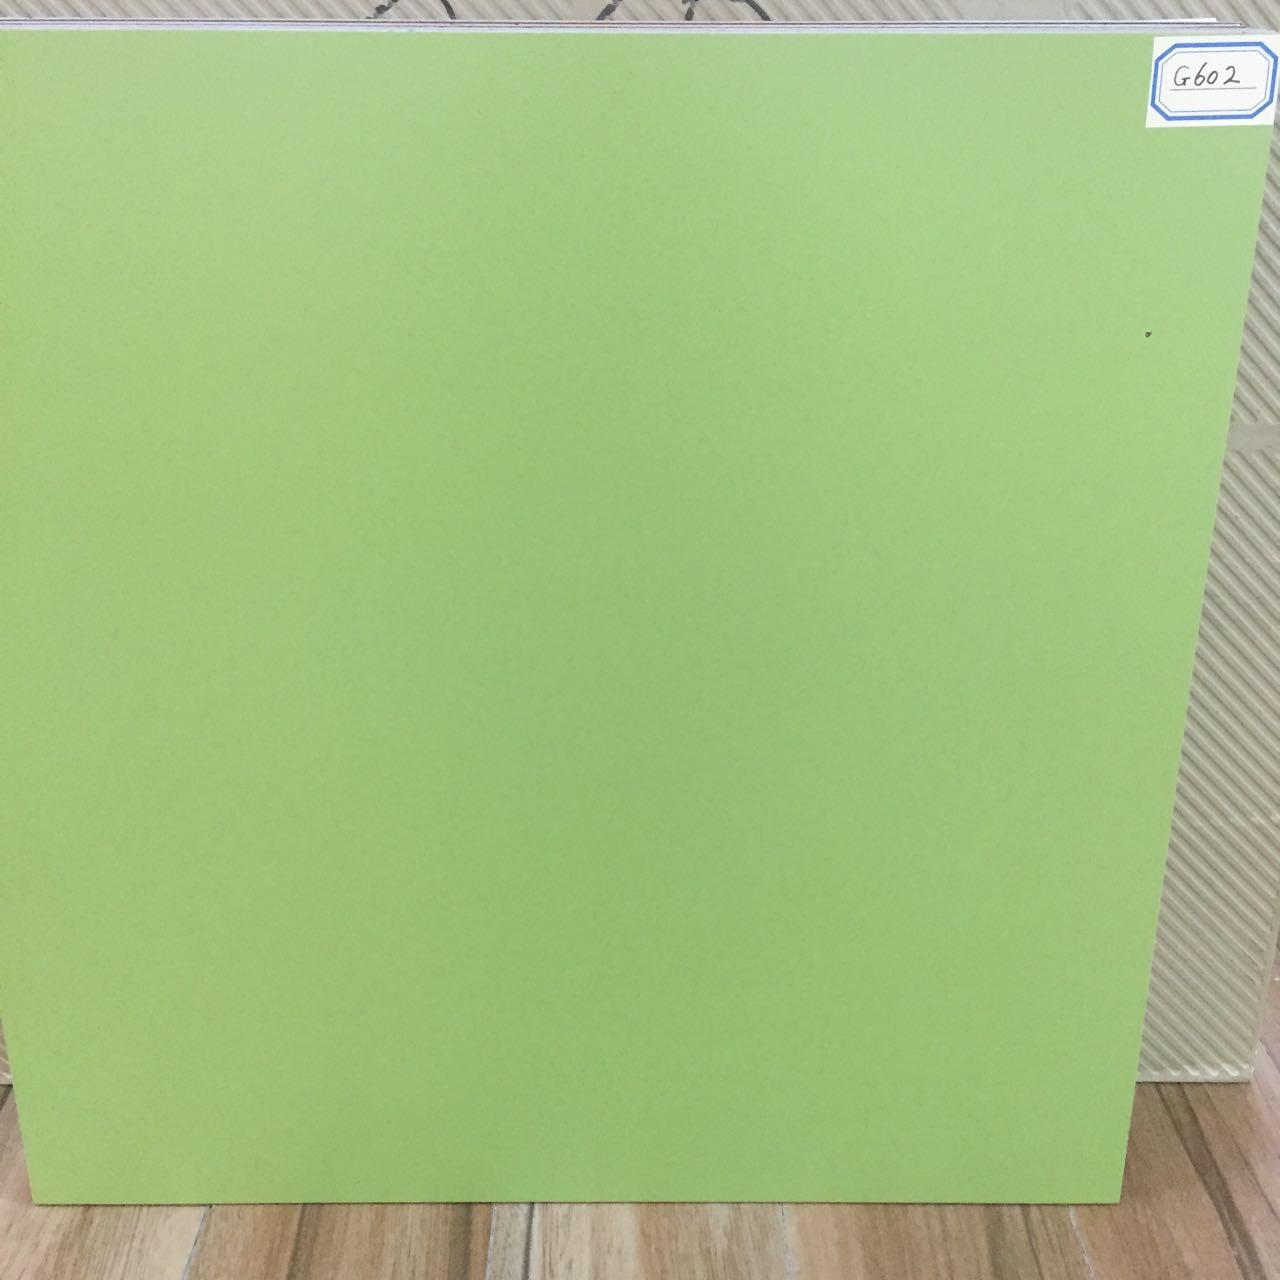 来自李**发布的供应信息:色砖... - 佛山市龙珠陶瓷有限公司